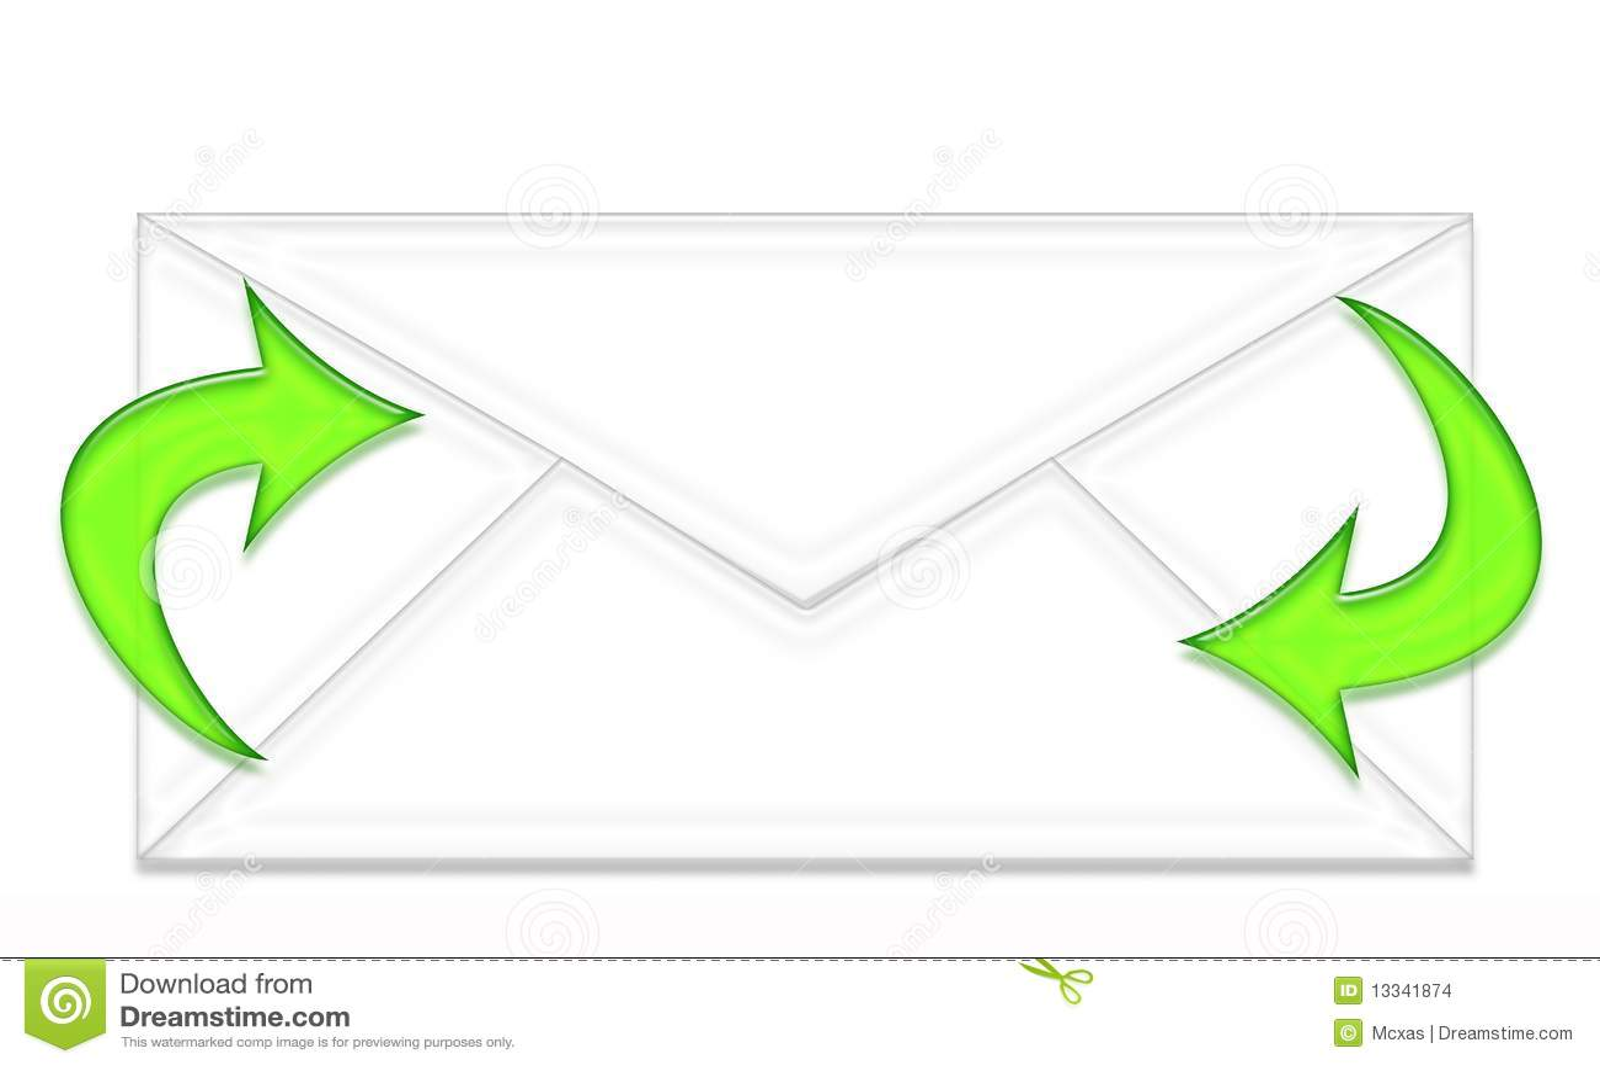 Umschlag und zwei grüne Pfeile